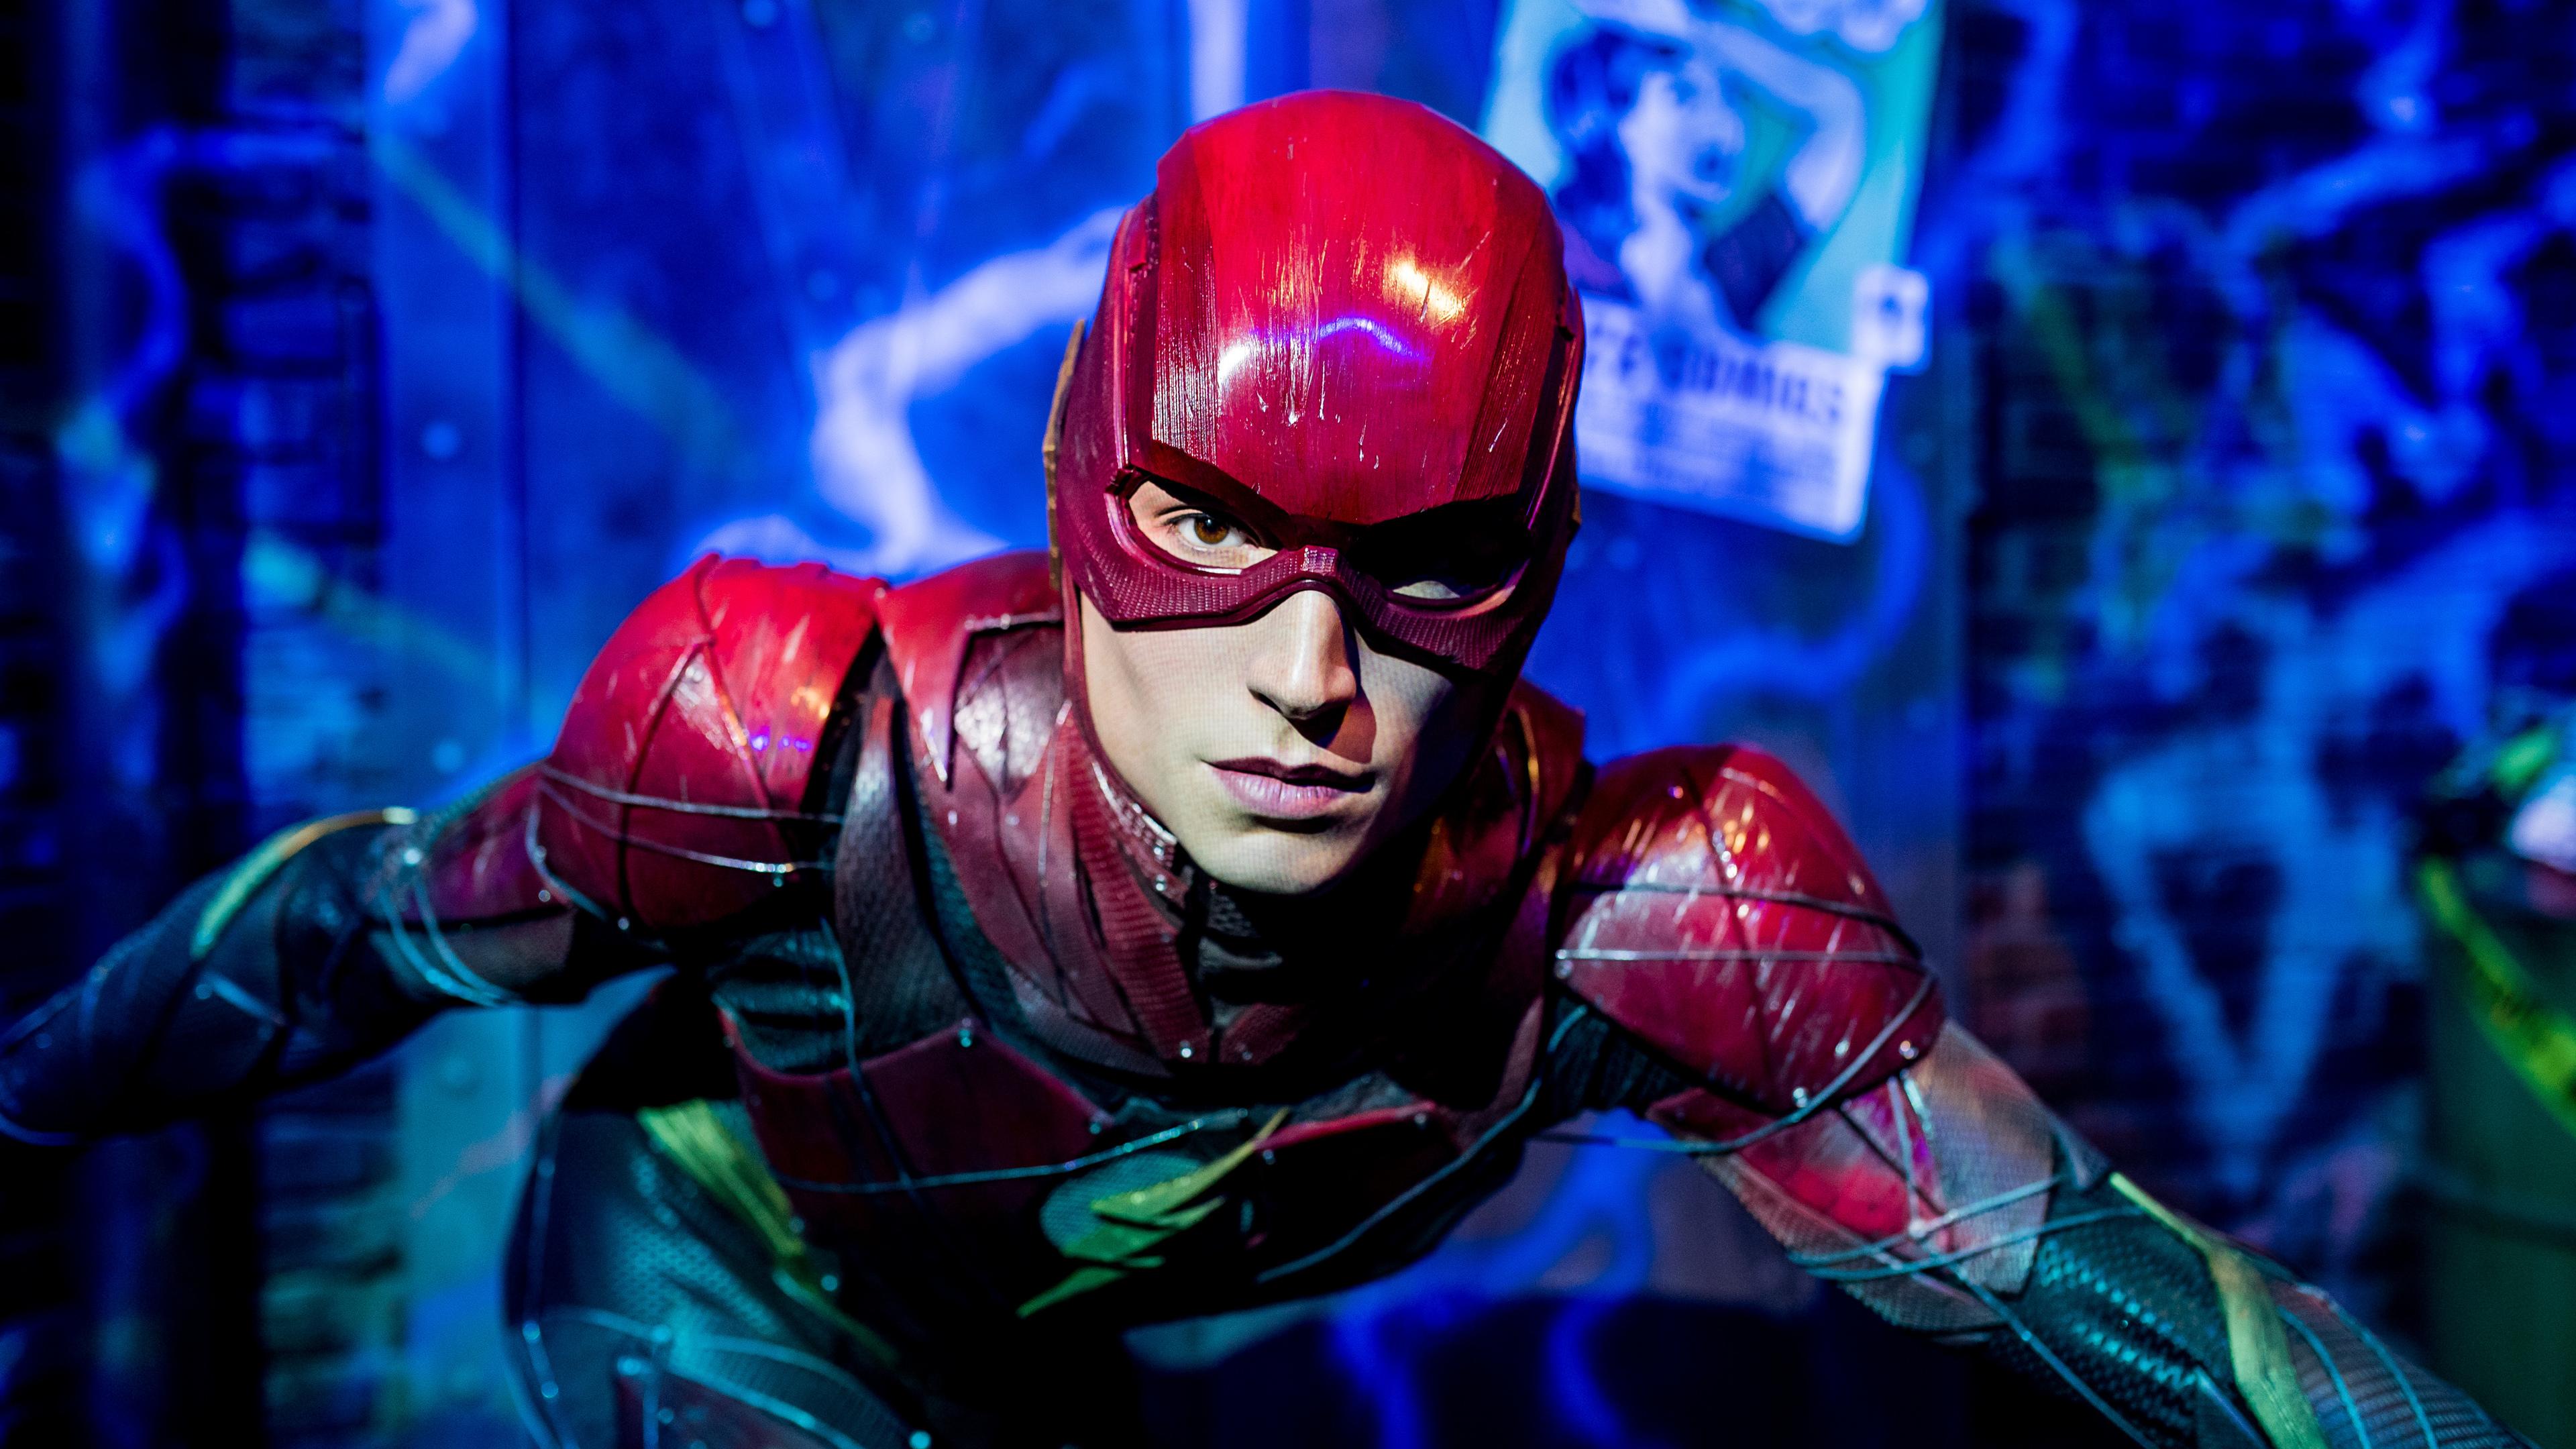 ezra miller as flash 1536522787 - Ezra Miller As Flash - superheroes wallpapers, hd-wallpapers, flash wallpapers, 4k-wallpapers